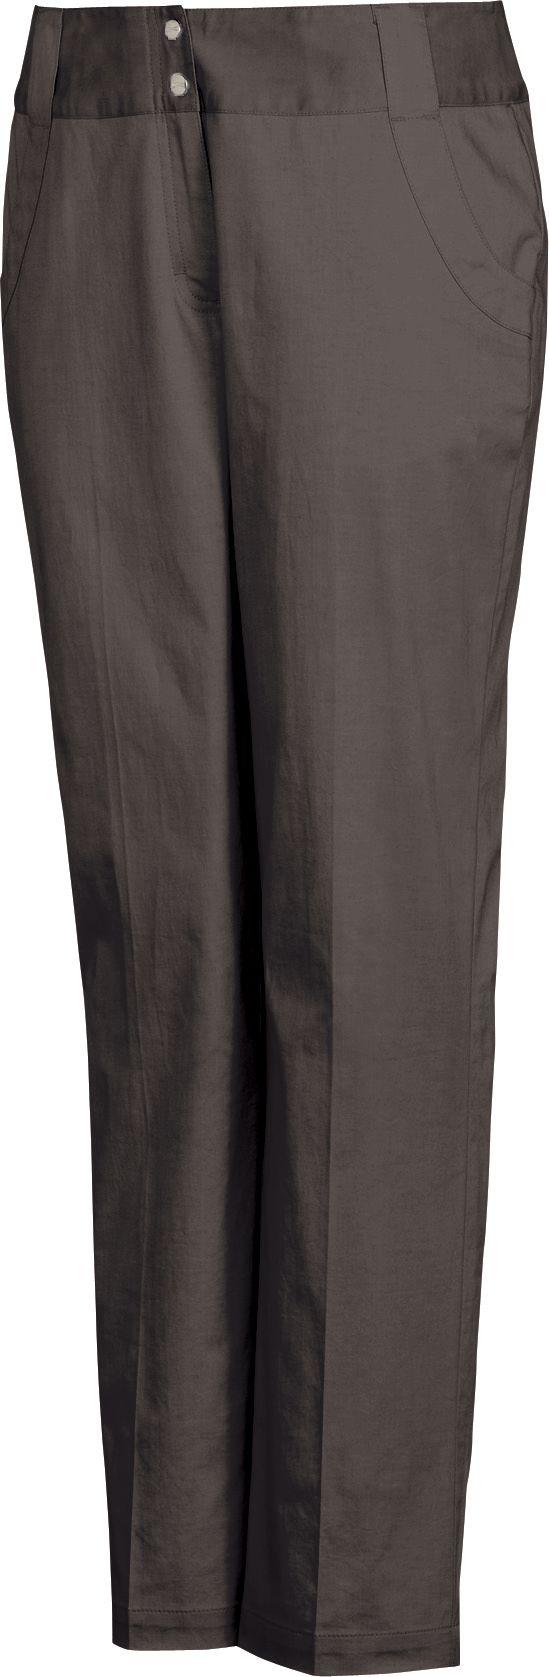 Slazenger Women's Koper Core Pant